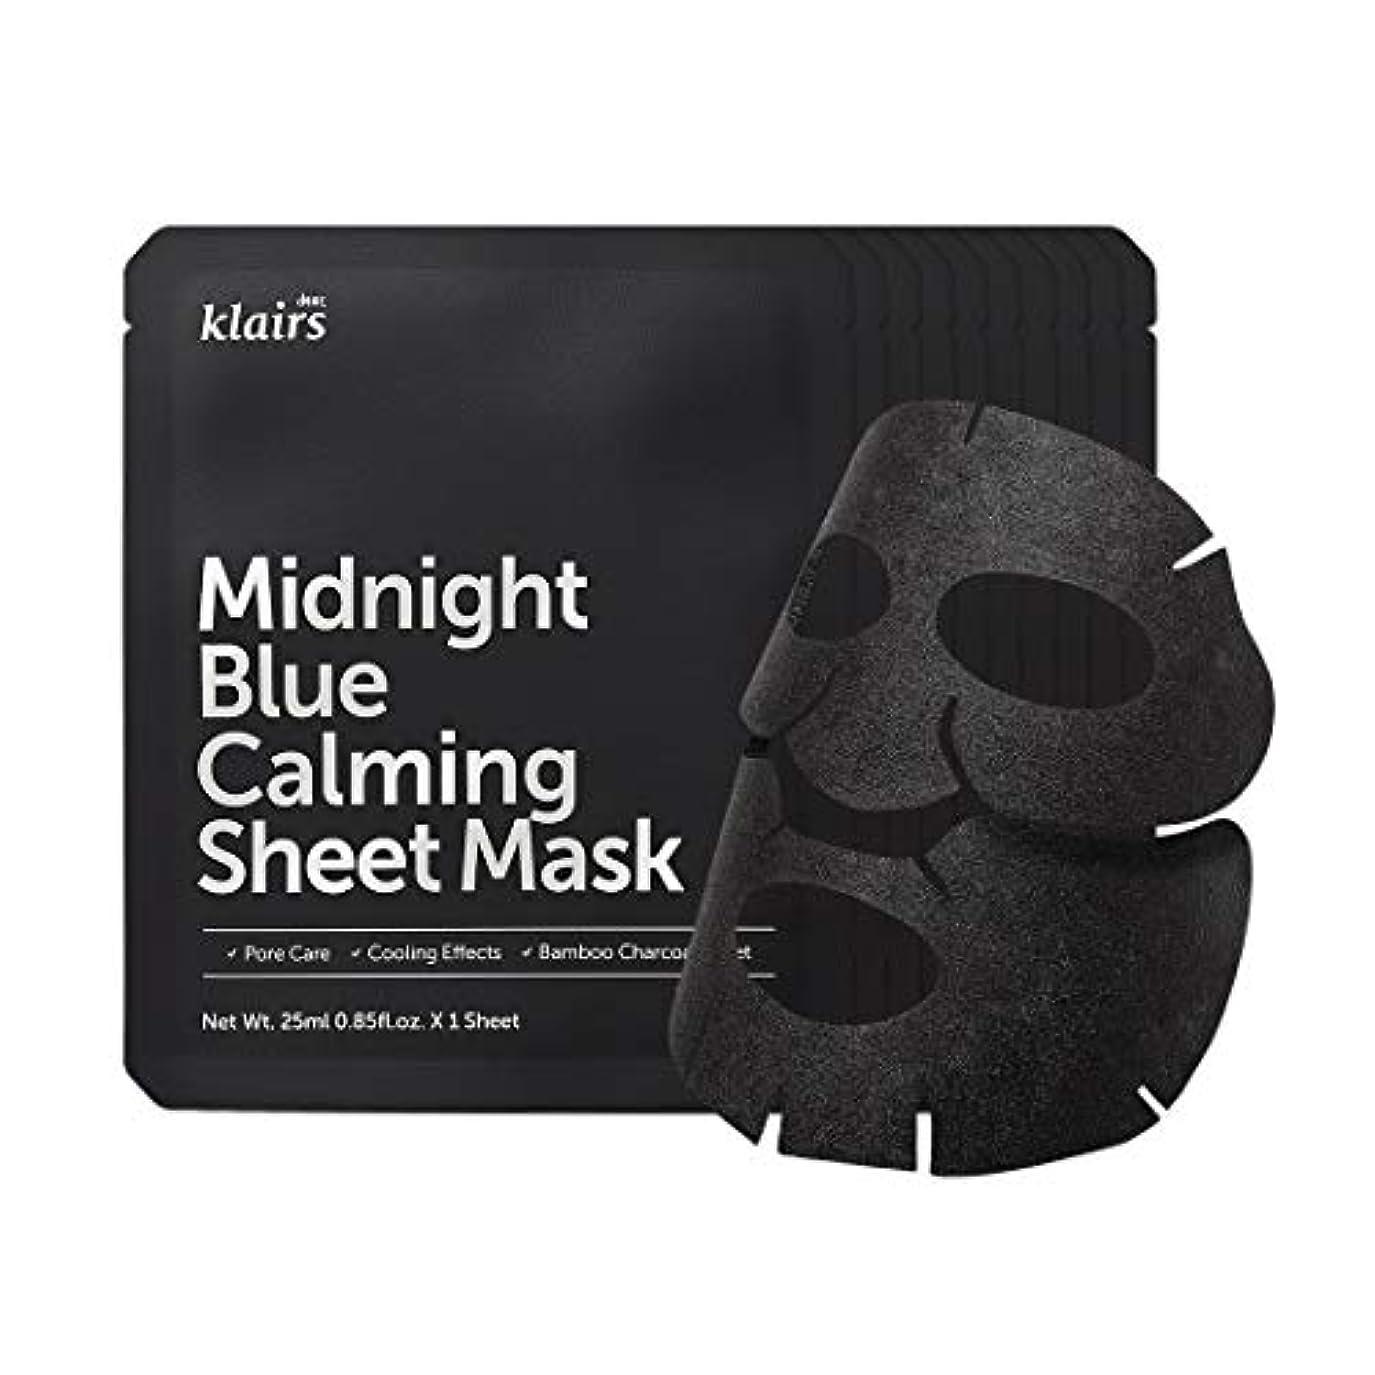 ハミングバード浅い神社クレアスミッドナイトブルーカーミングクリーム25mlX10枚セット (Klairs Midnight Blue Calming Sheet Mask 25mlX10ea) [並行輸入品]